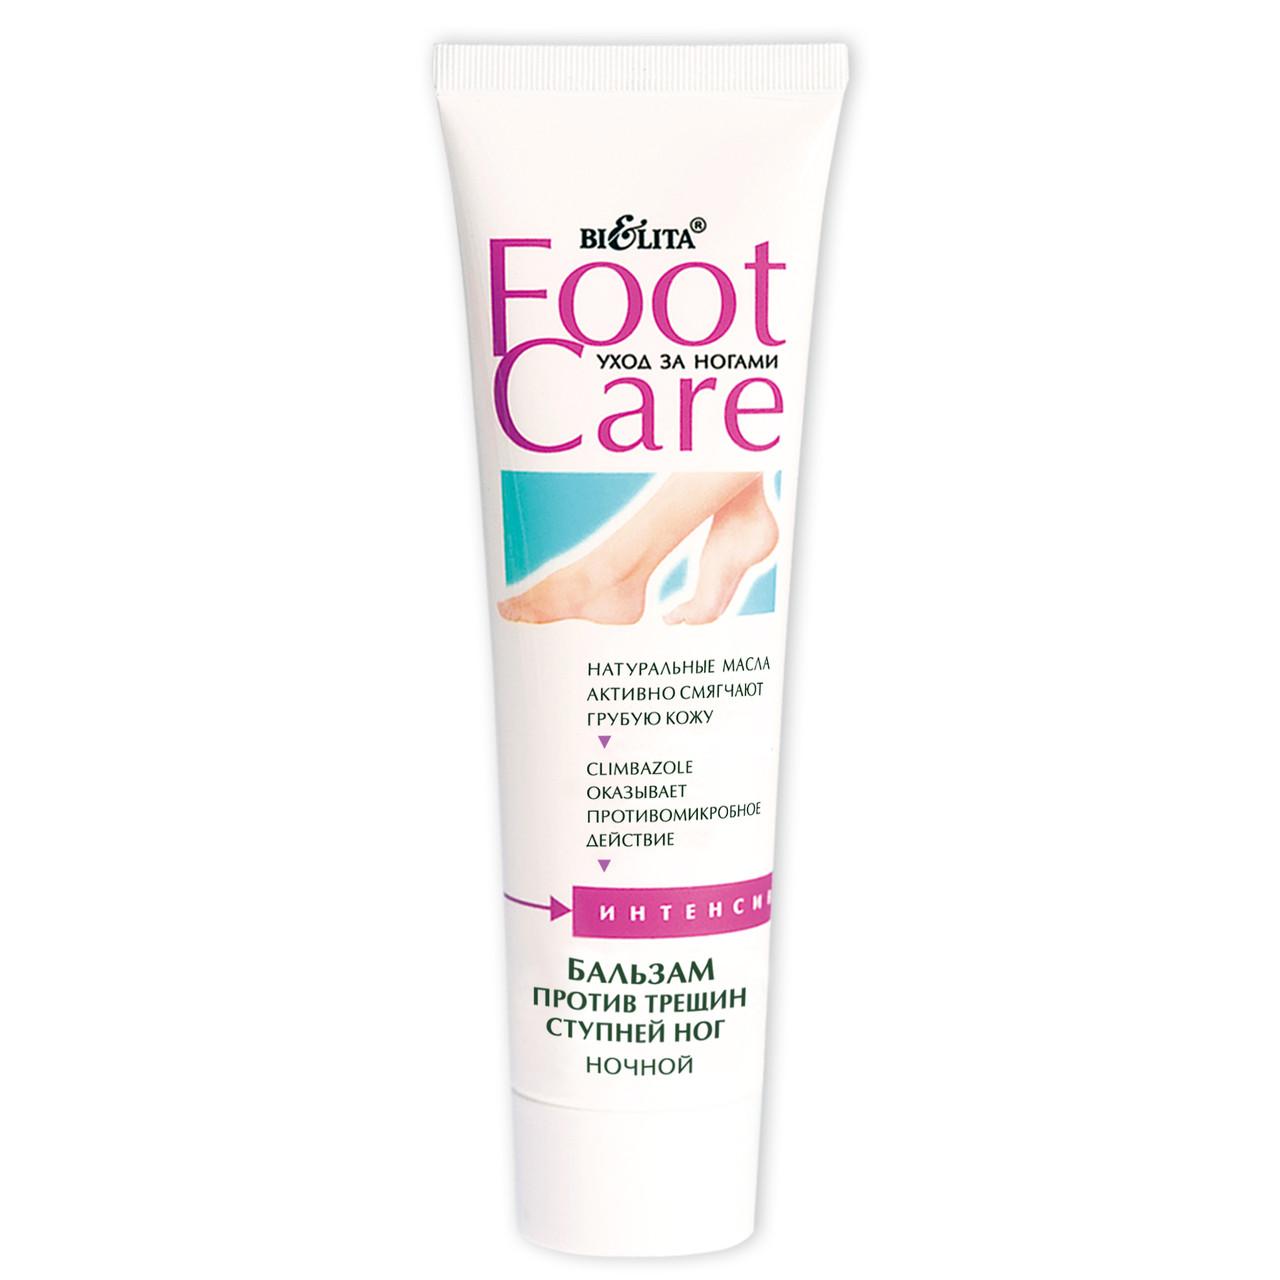 Бальзам против трещин ступней ног ночной Bielita Foot Care 100 мл